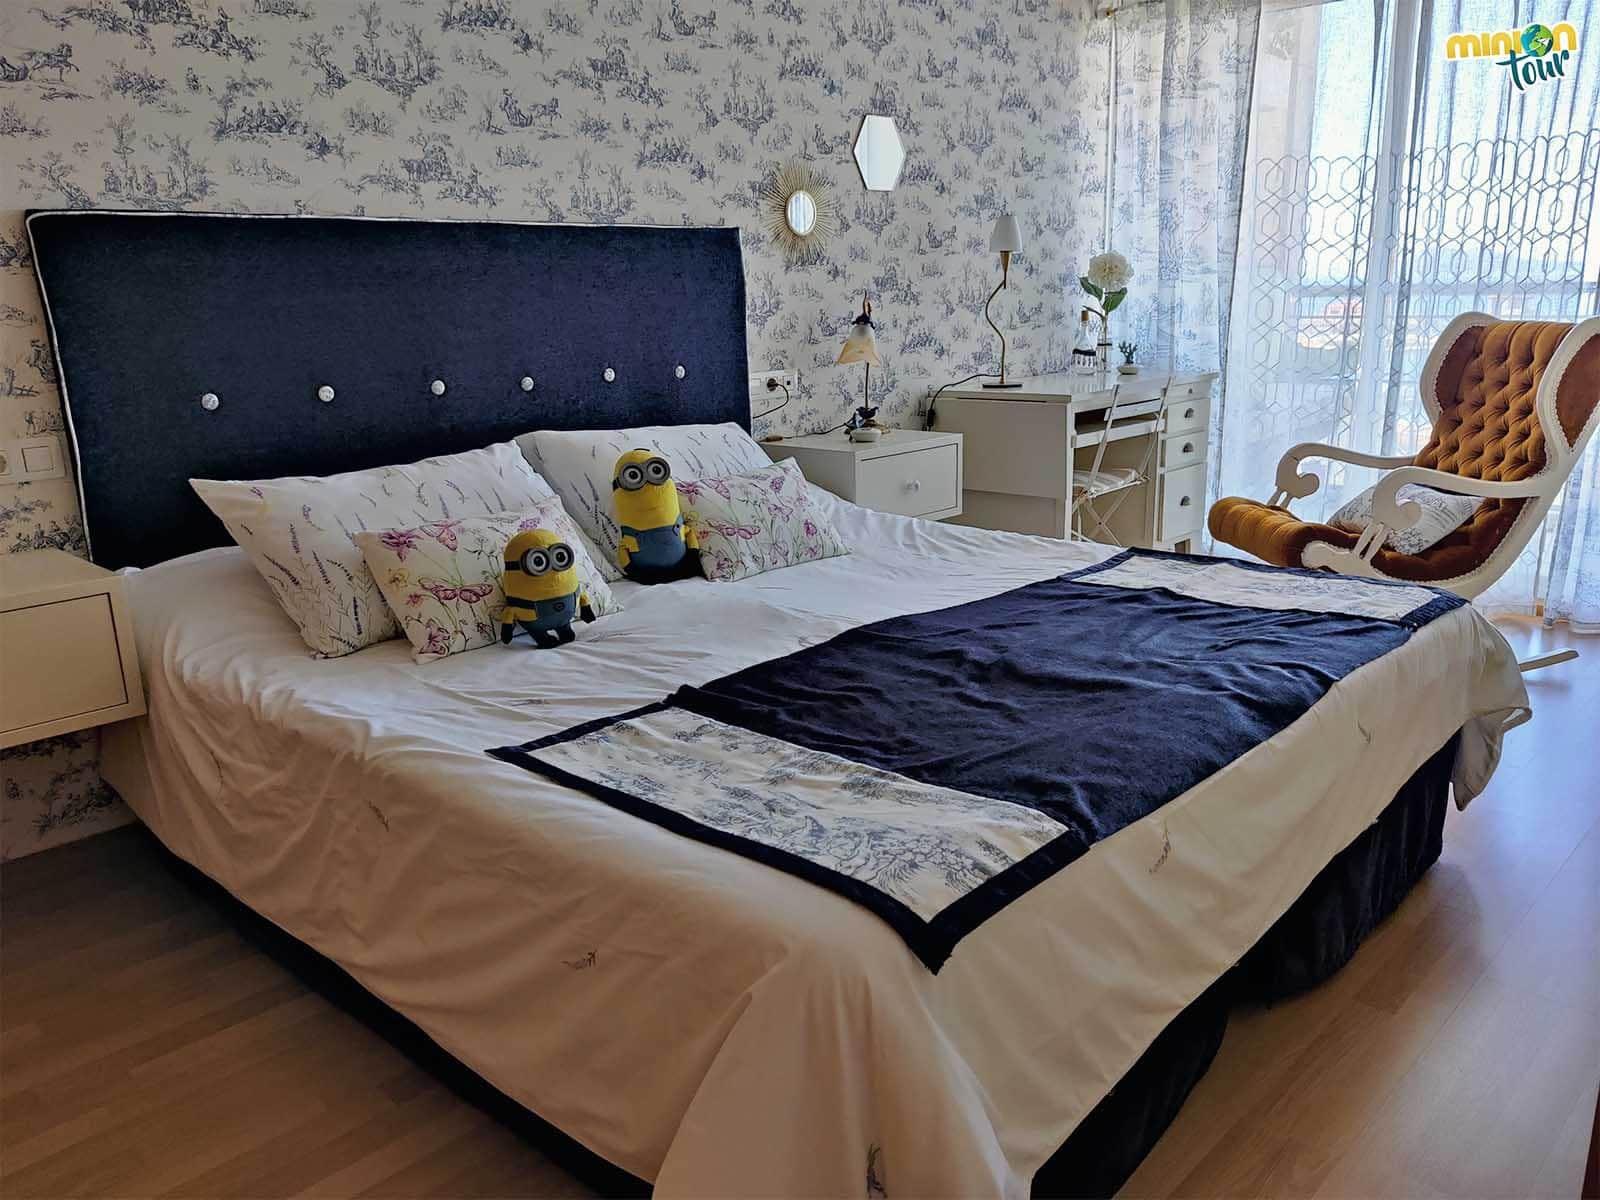 La cama del apartamento era enorme